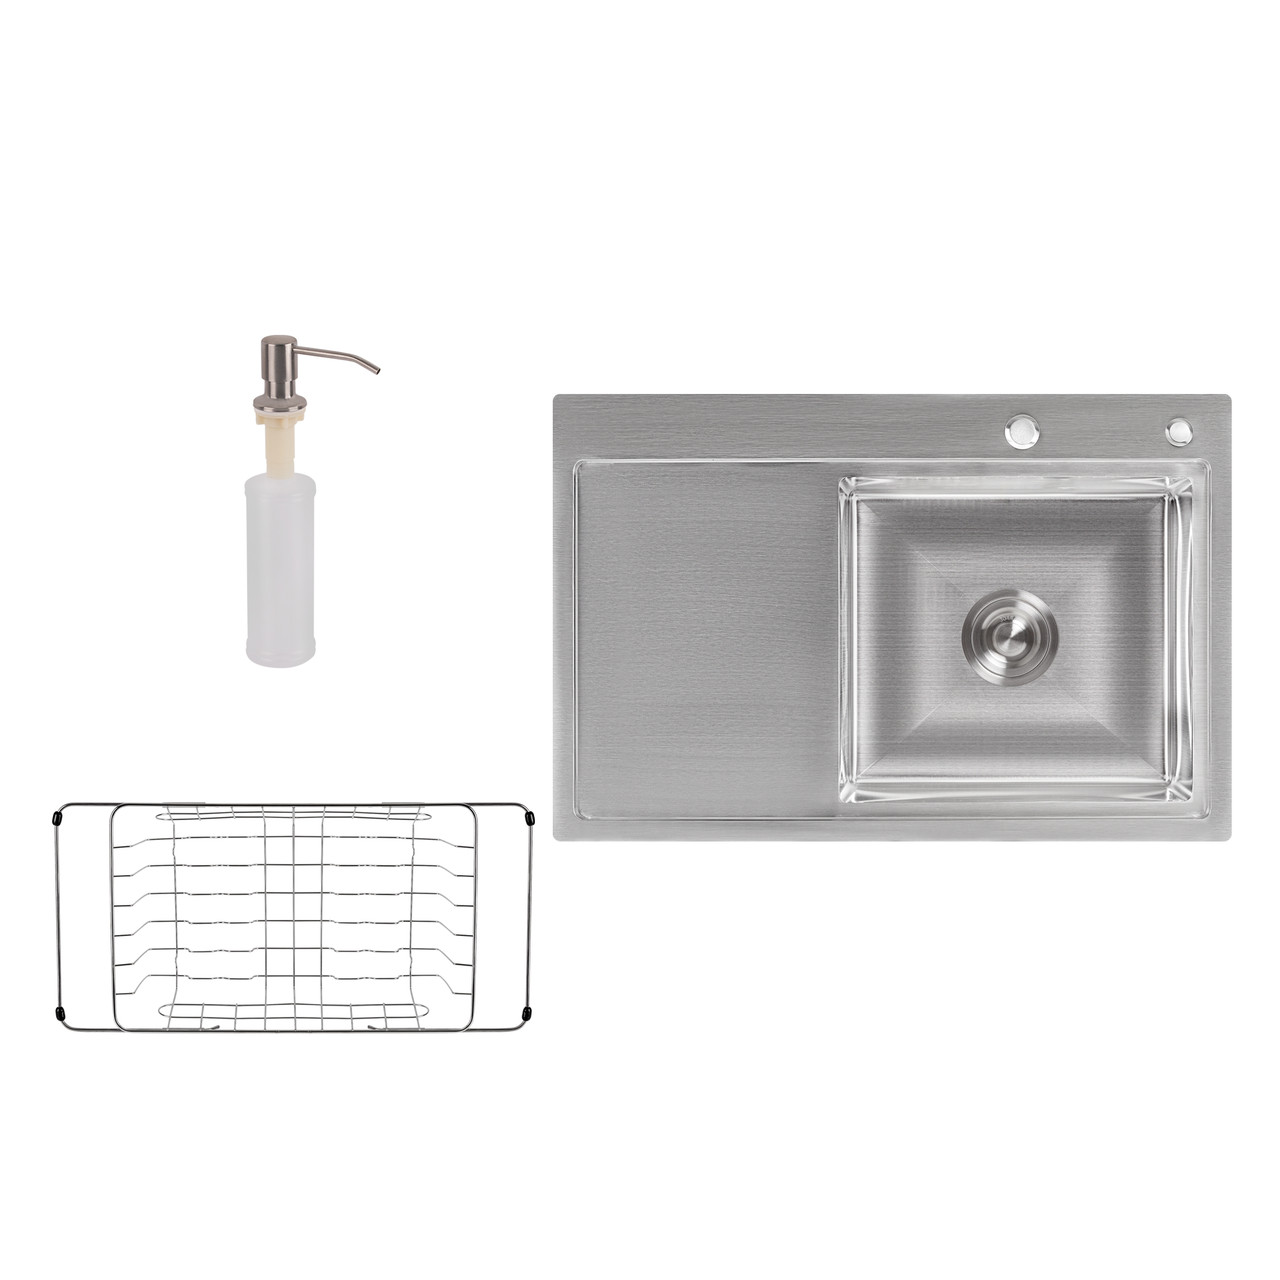 Мойка для кухни Lidz H7851R Brush 3.0/0.8 мм из нержавеющей стали